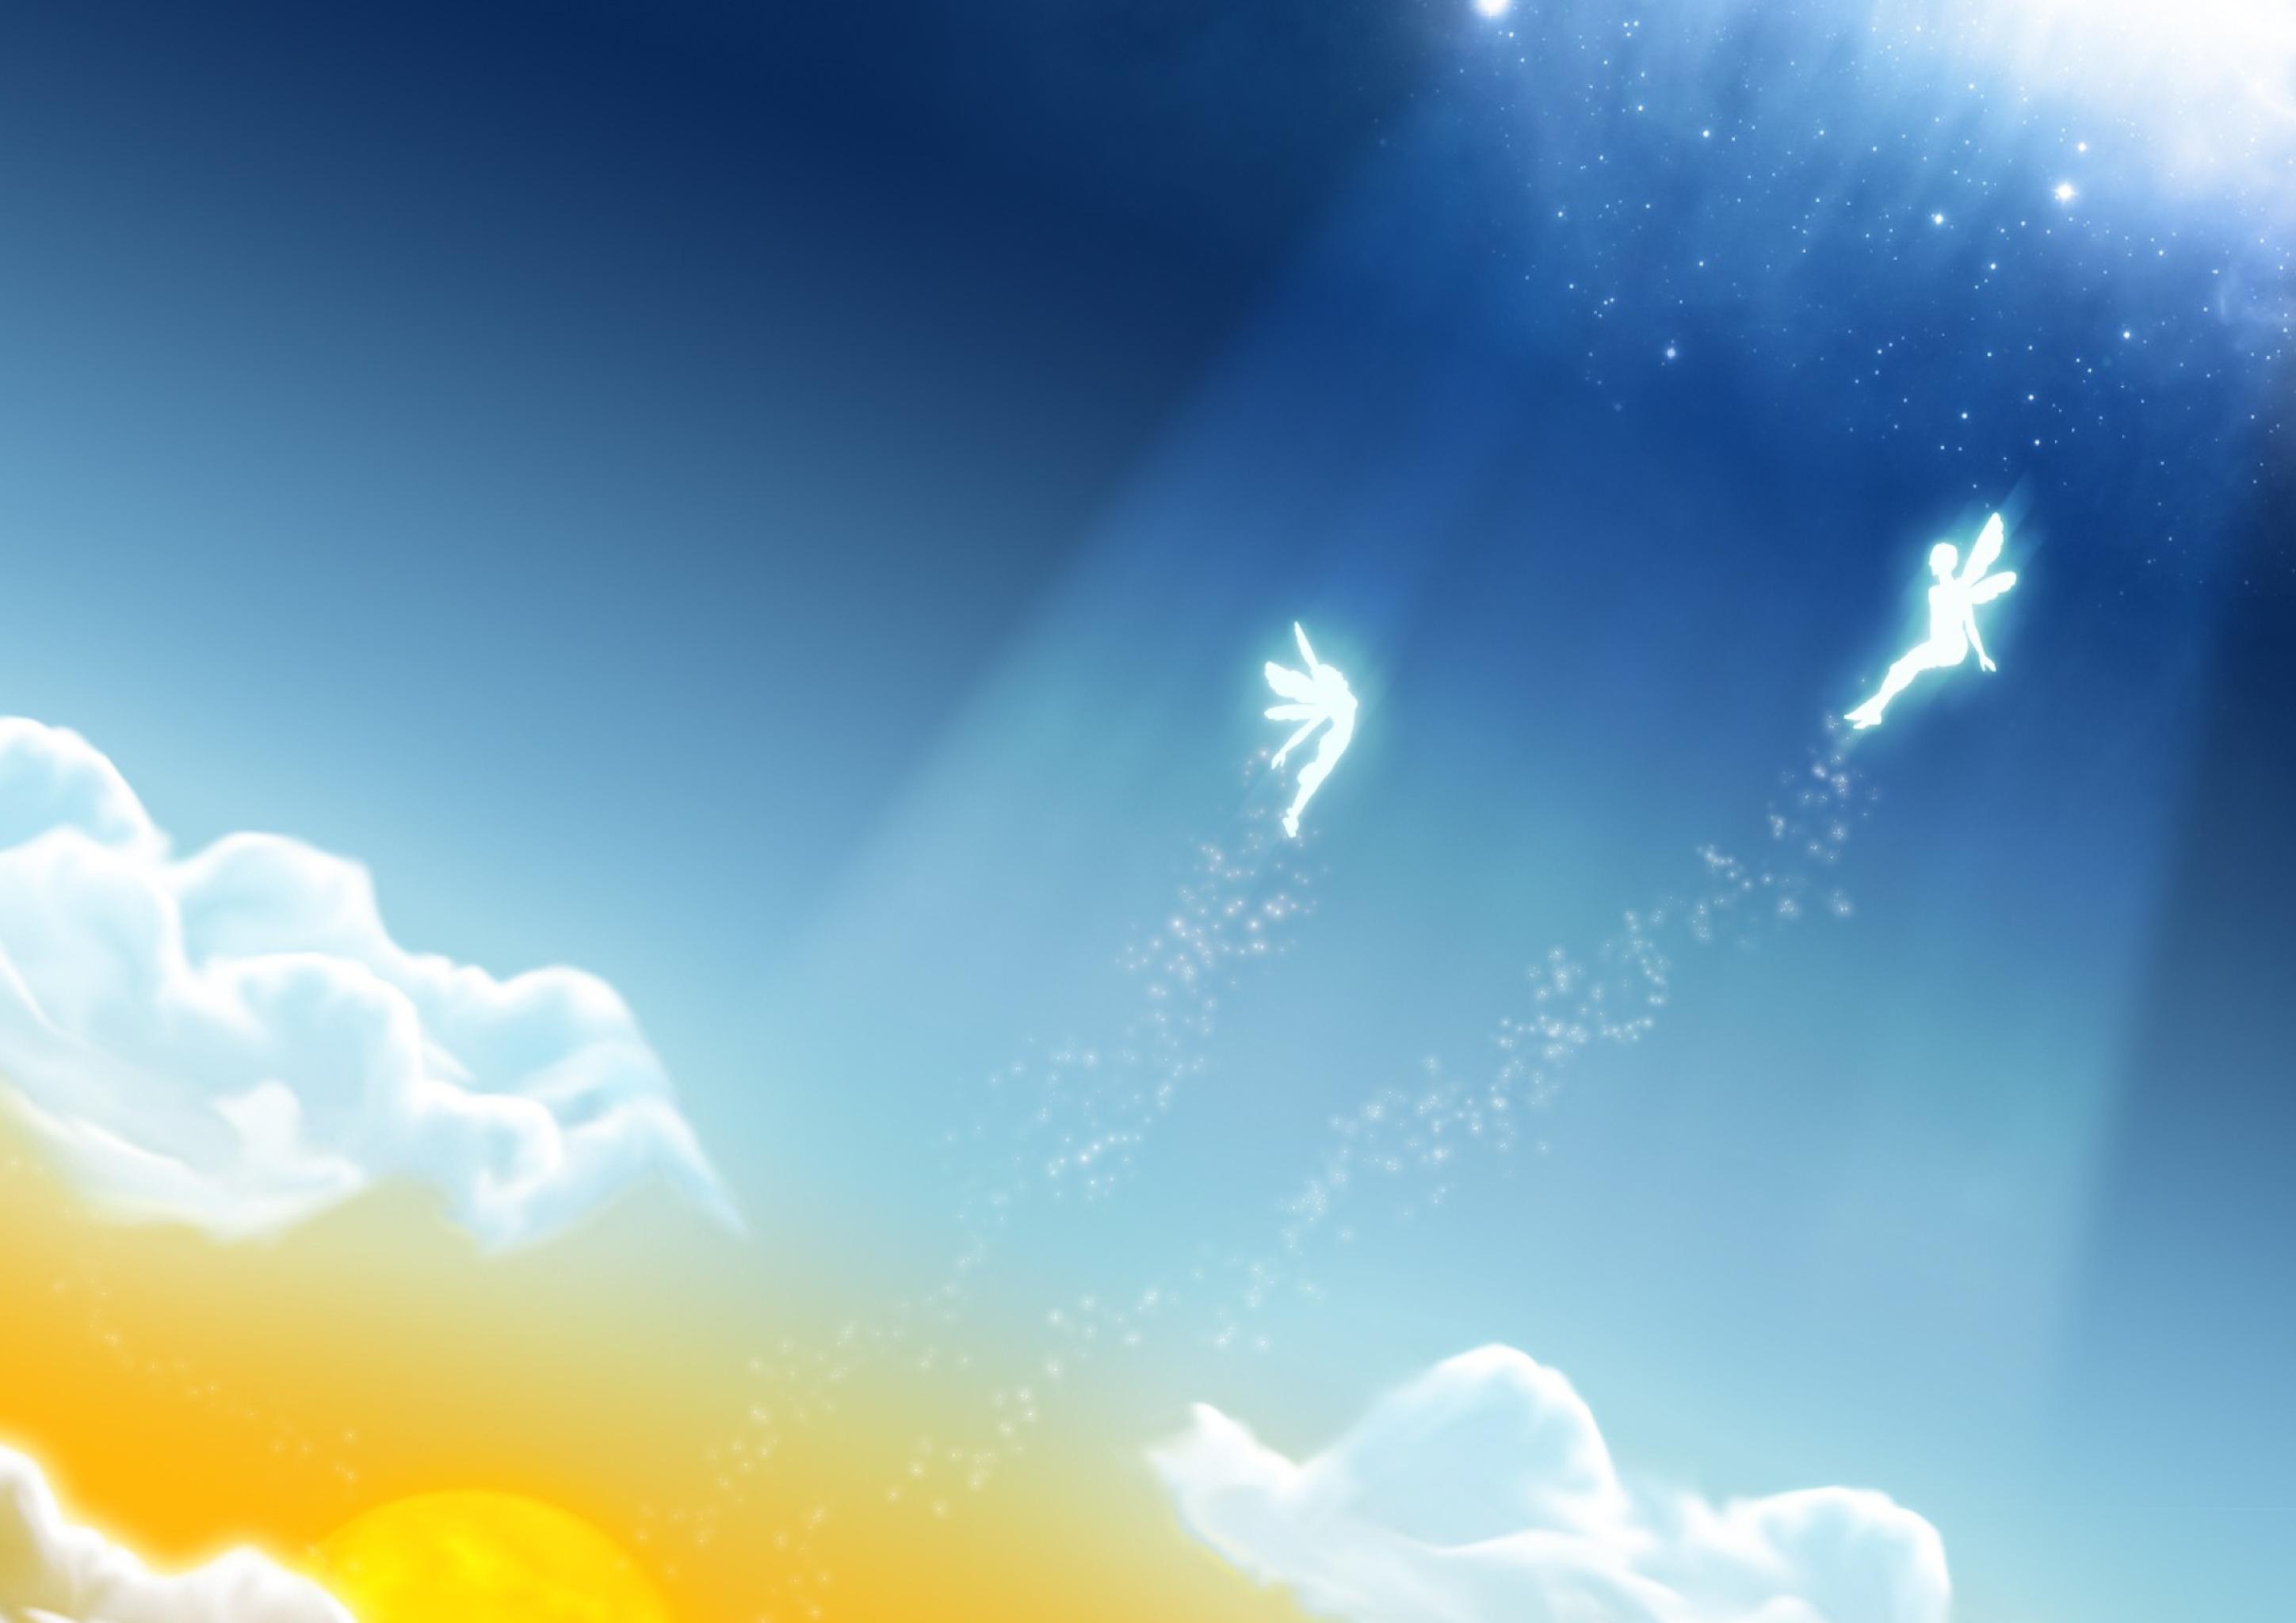 Ангелы в небе  № 2270125 бесплатно